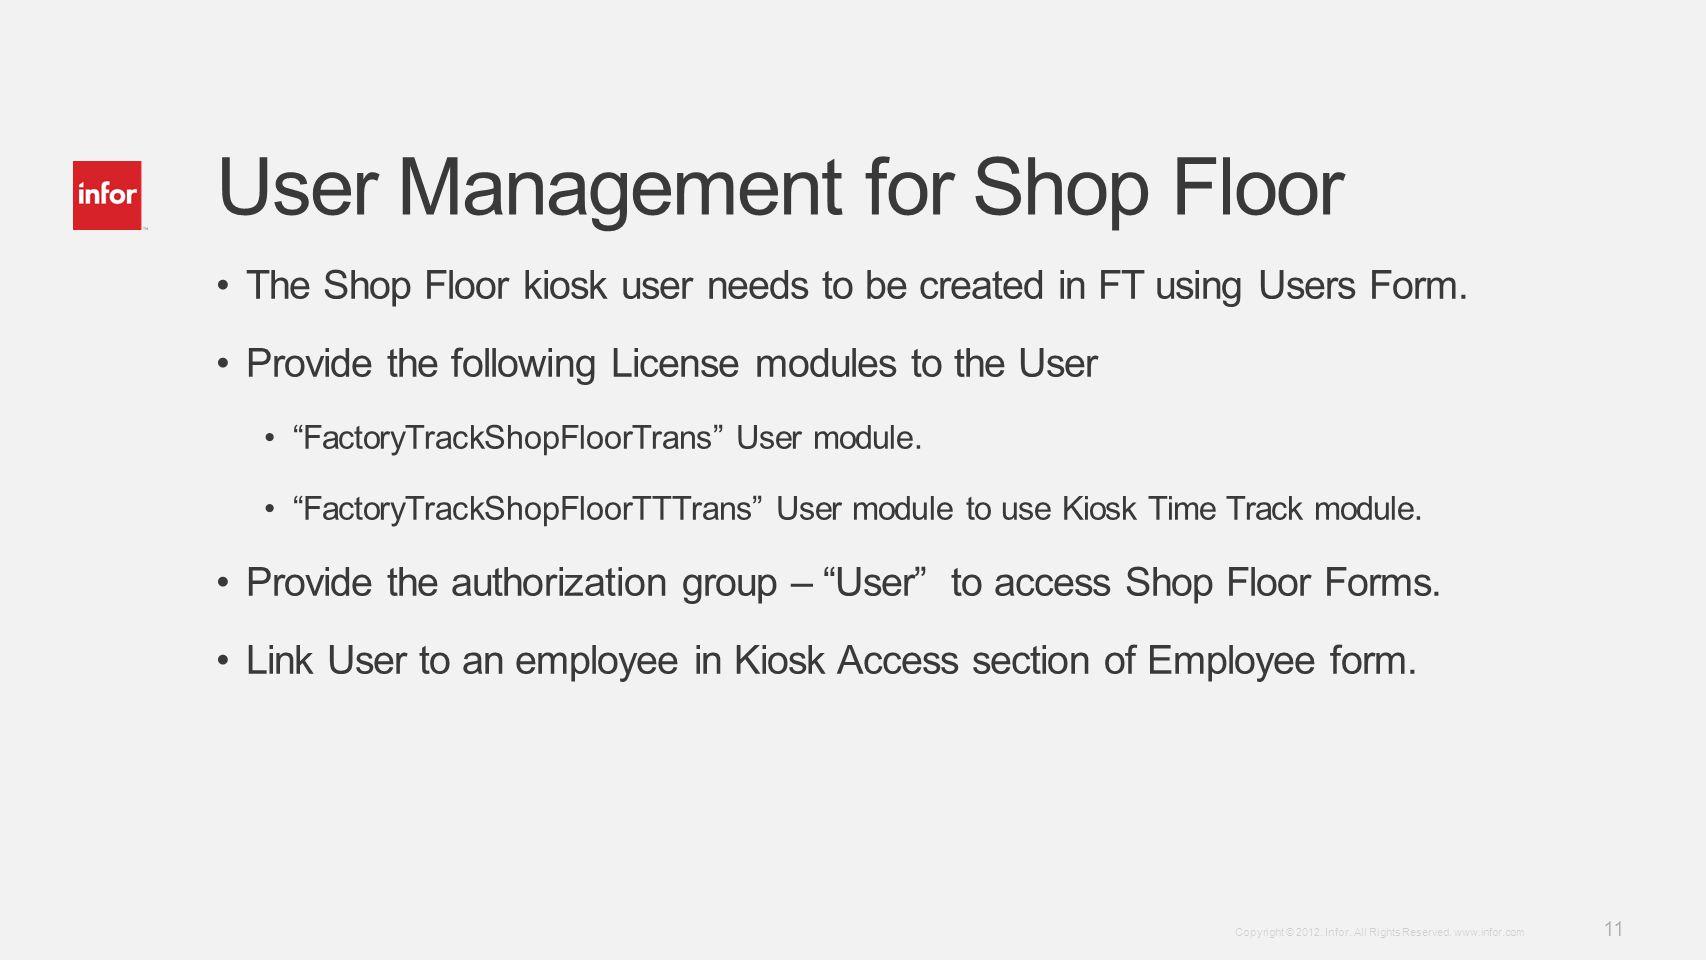 Template v4 September 27, 2012 11 Copyright © 2012. Infor. All Rights Reserved. www.infor.com User Management for Shop Floor The Shop Floor kiosk user